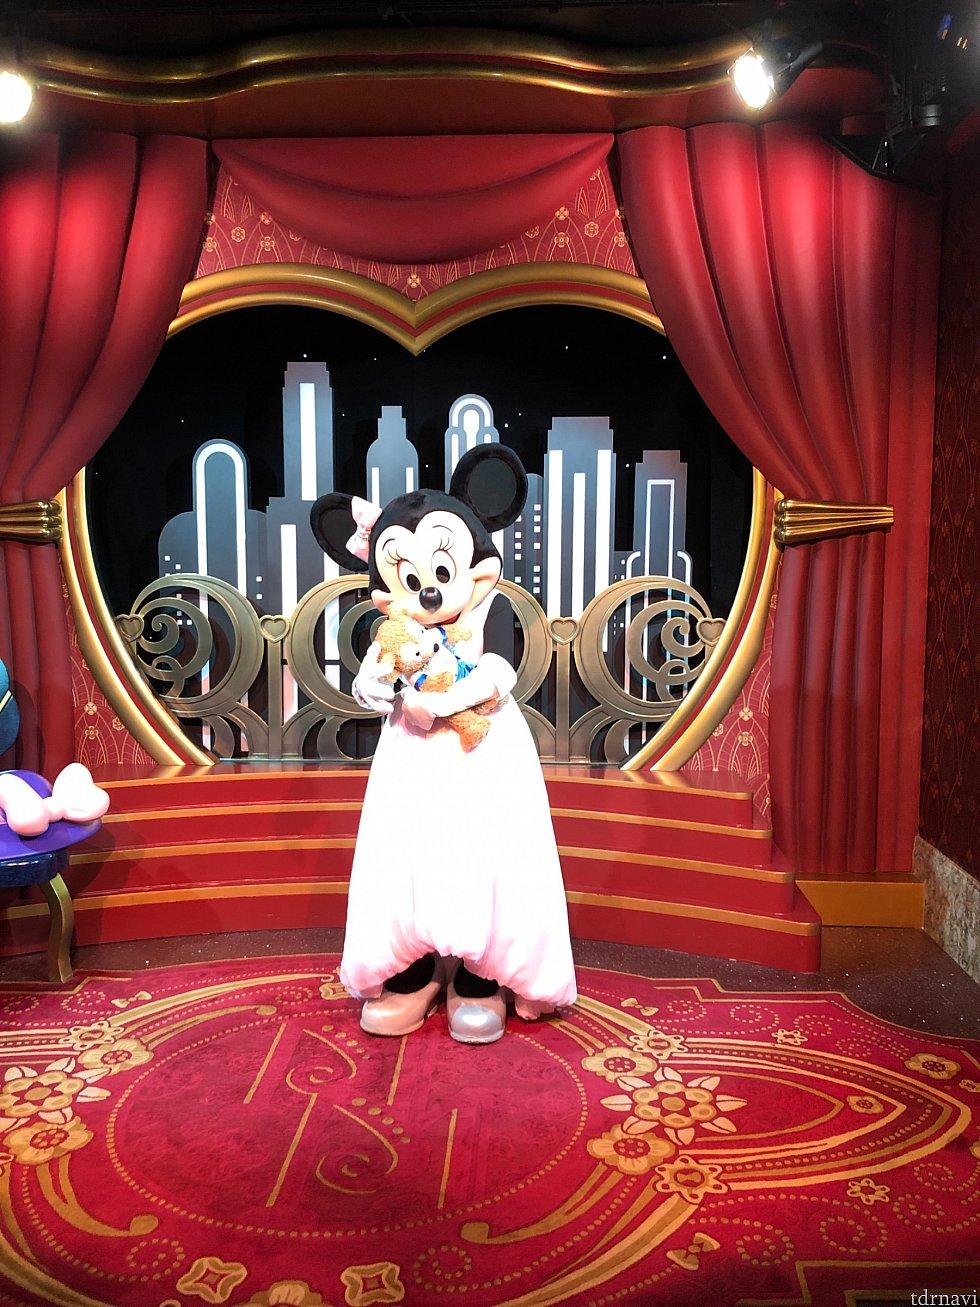 Minnie Mouse セレブなミニーちゃんでした 私のネイル見て塗り直さないとねって言われました笑